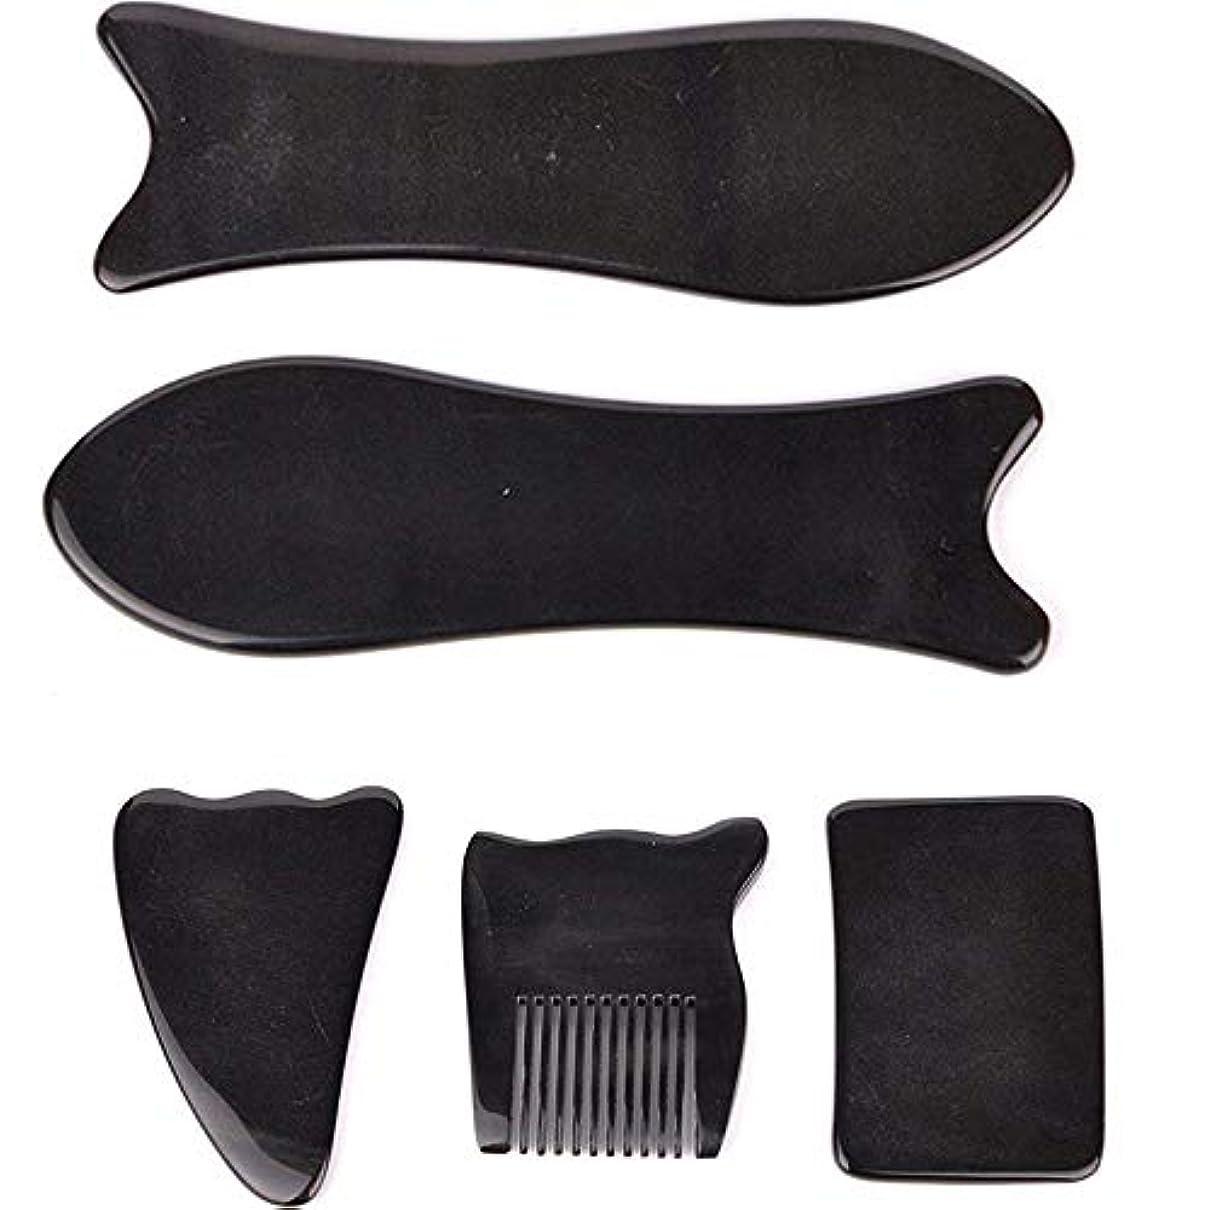 シャット提案道を作るEcho & Kern 5点セット中国伝統かっさ美容マッサージ板 水牛角かっさプレートBLACK OX HORN 5 PCS optik Natural Water Buffalo Horn Gua Sha Board-Reduce...